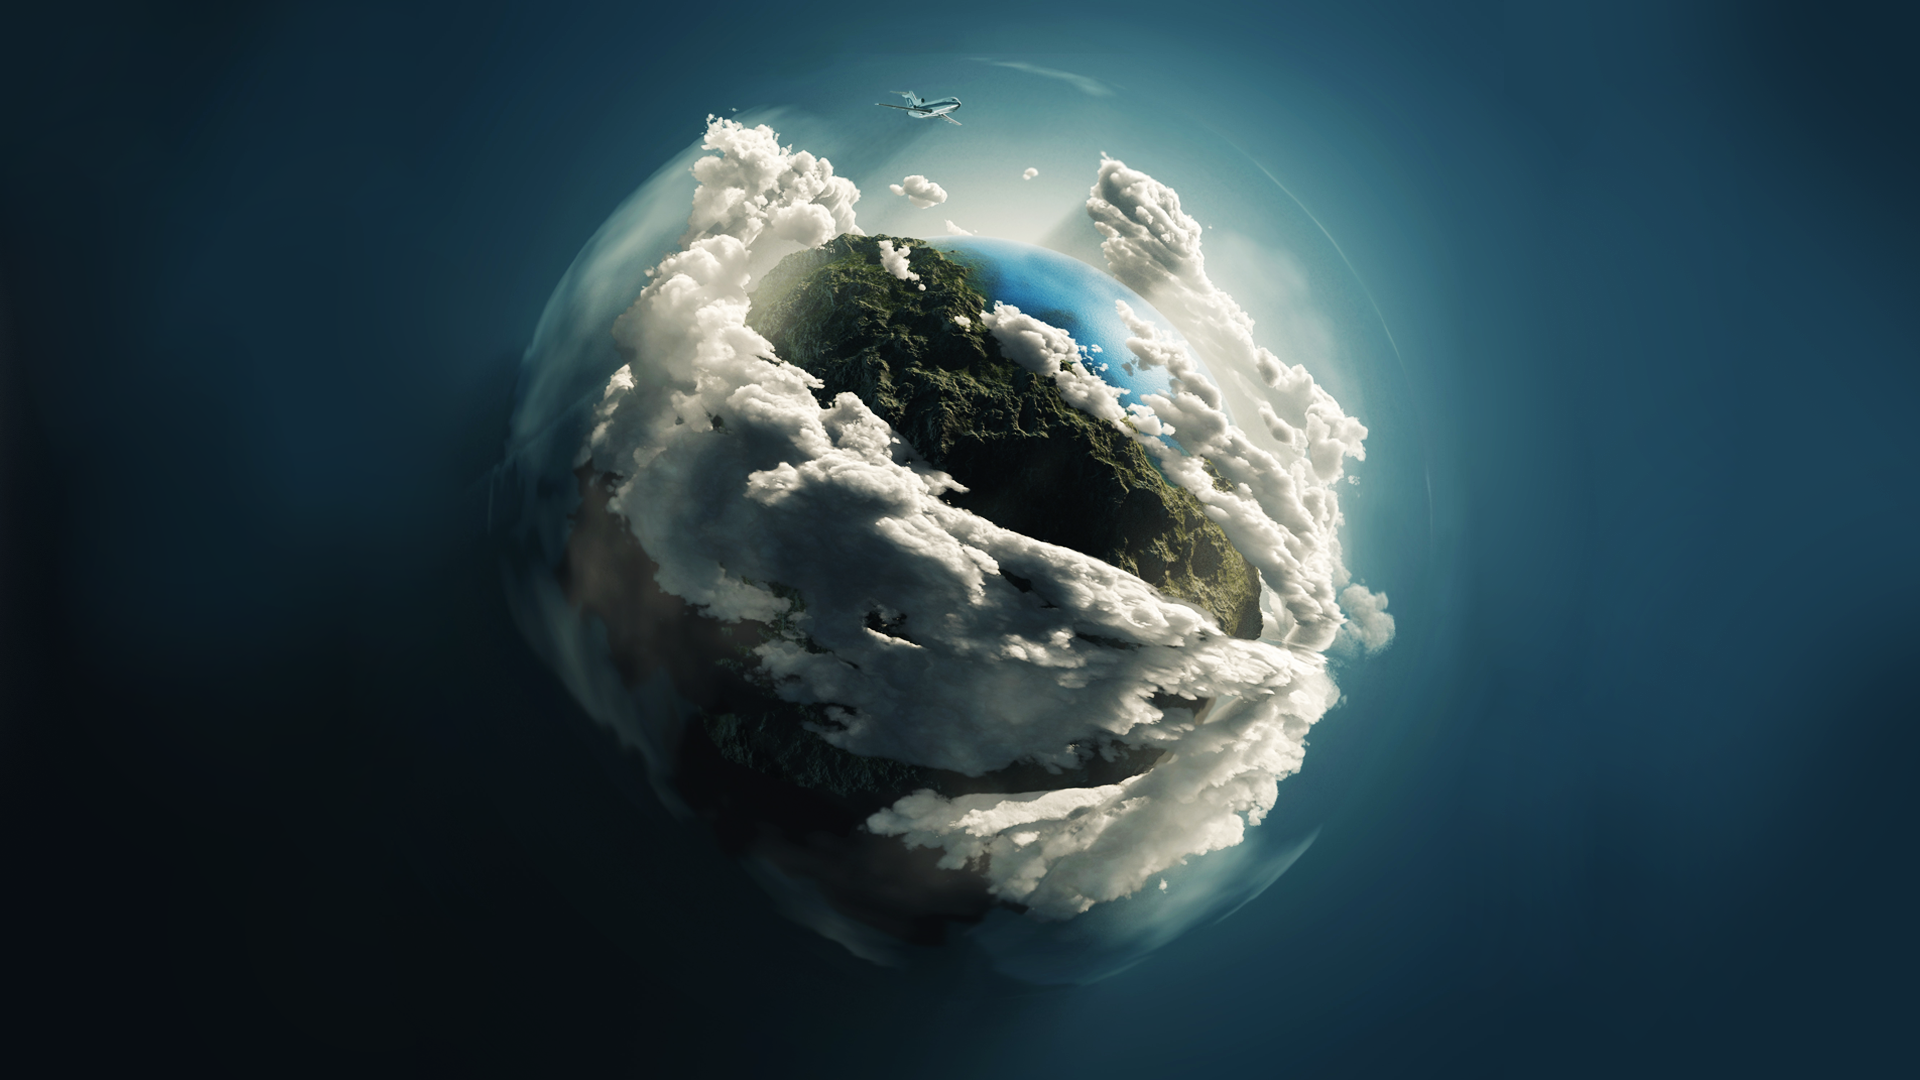 Hd wallpaper png -  Earth Tierra Wallpaper Hd By Krysis08